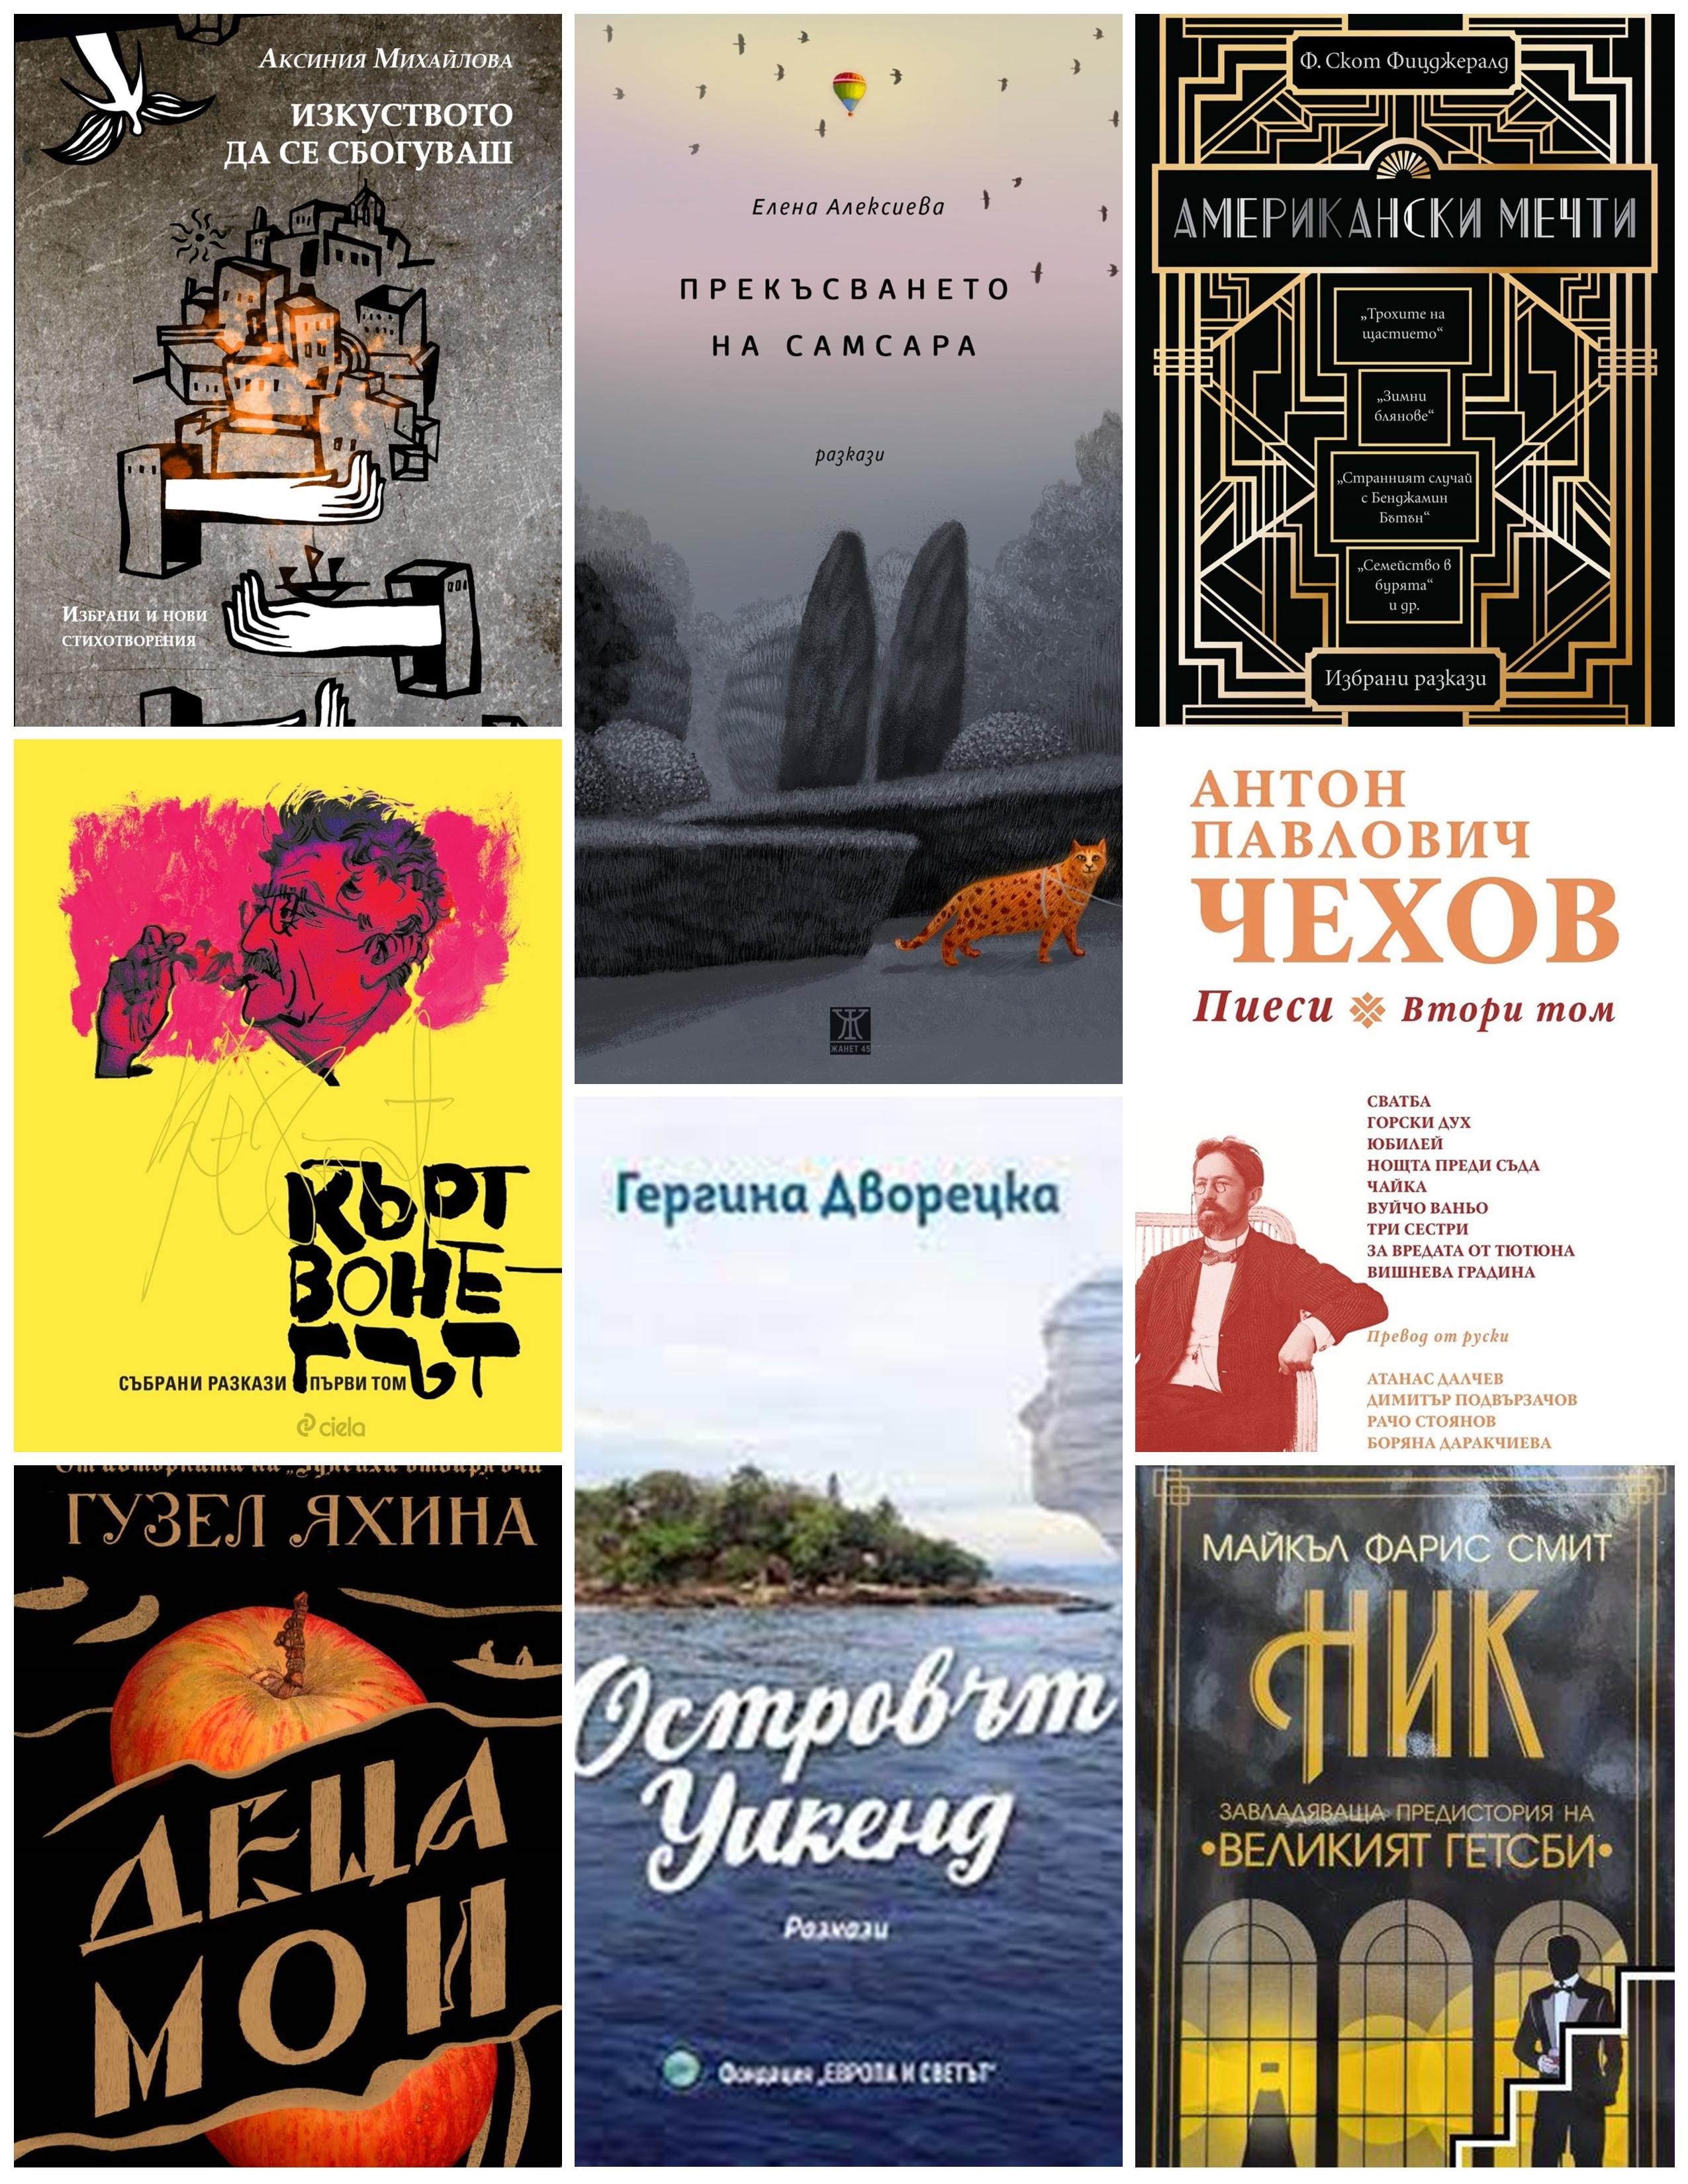 Колонката на Георги Цанков: Кърт Вонегът, Елена Алексиева, Аксиния Михайлова и още